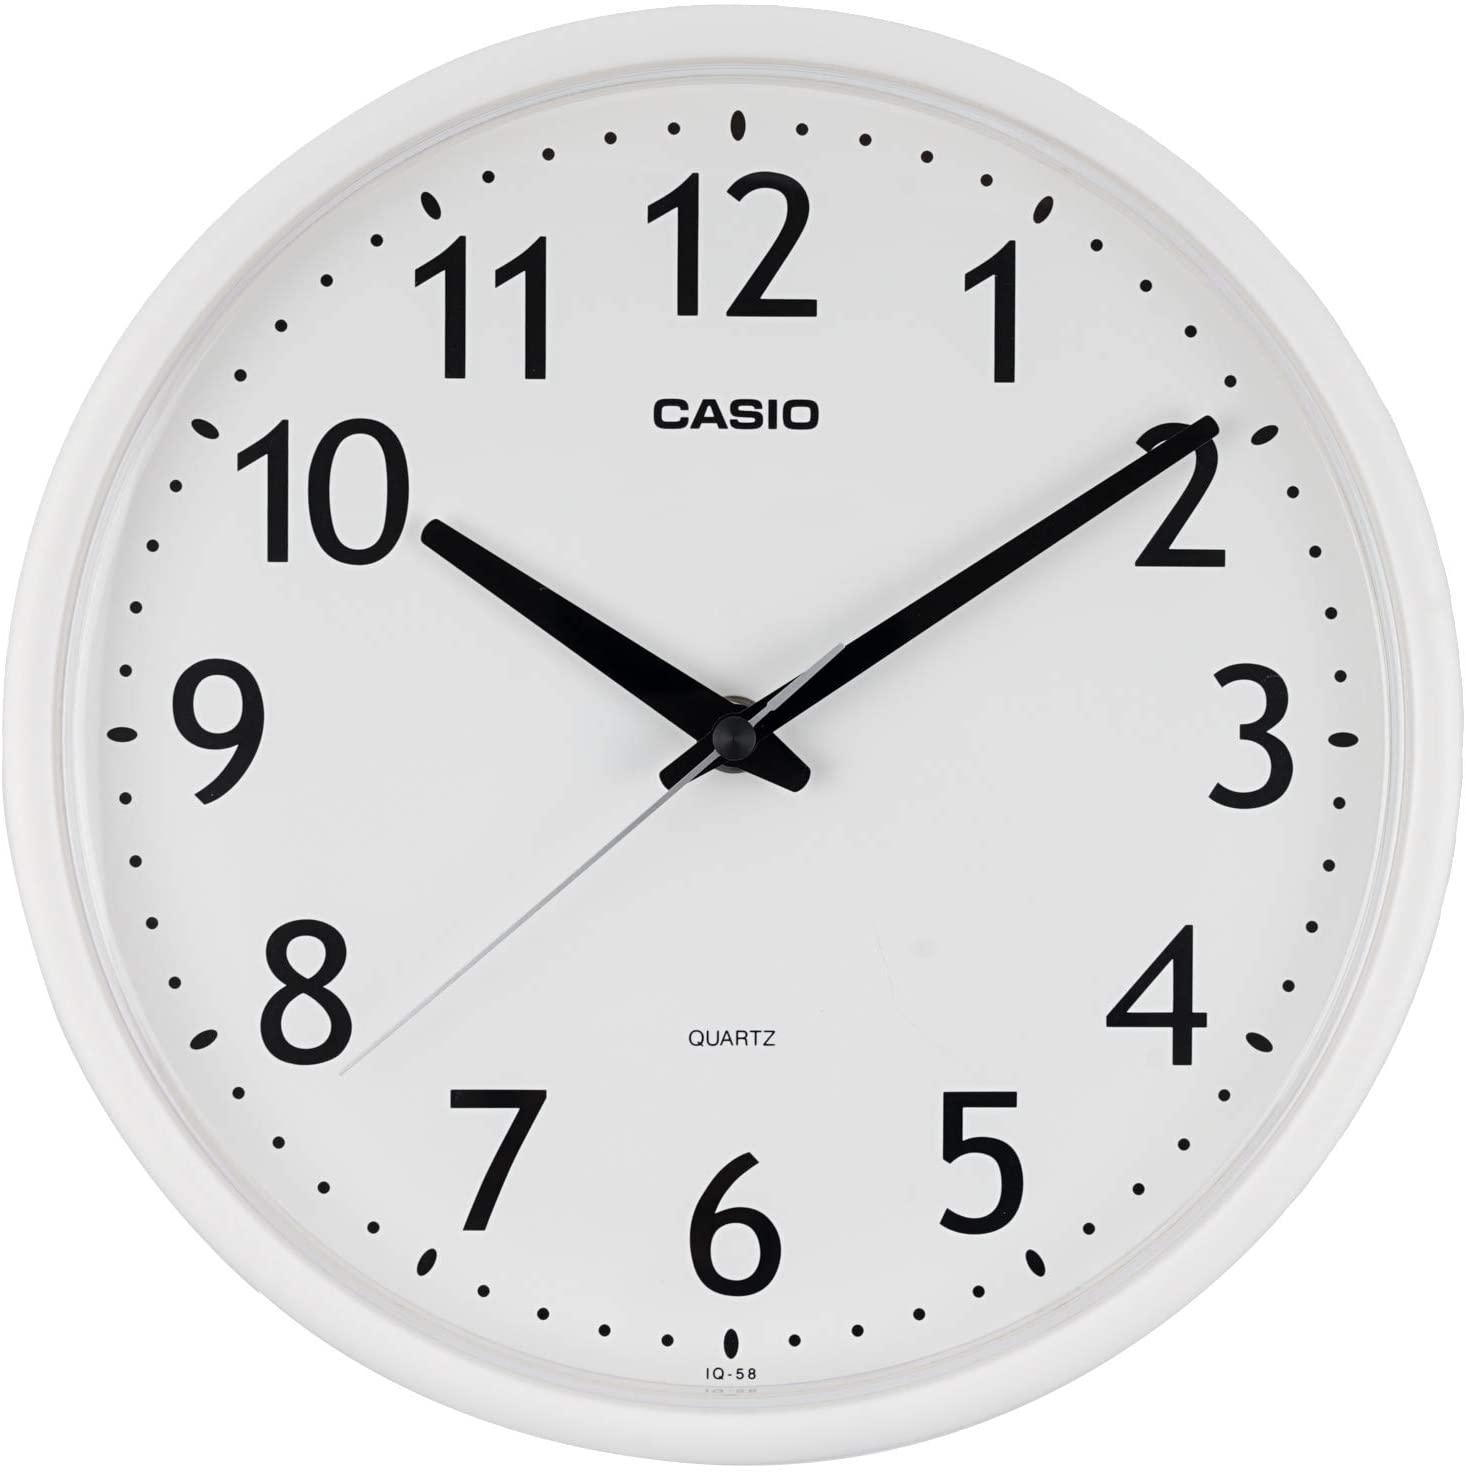 メーカー公式ショップ インテリア 掛け時計 壁掛け カシオ 直径25.4cm ホワイト IQ-58-7JF 公式ストア